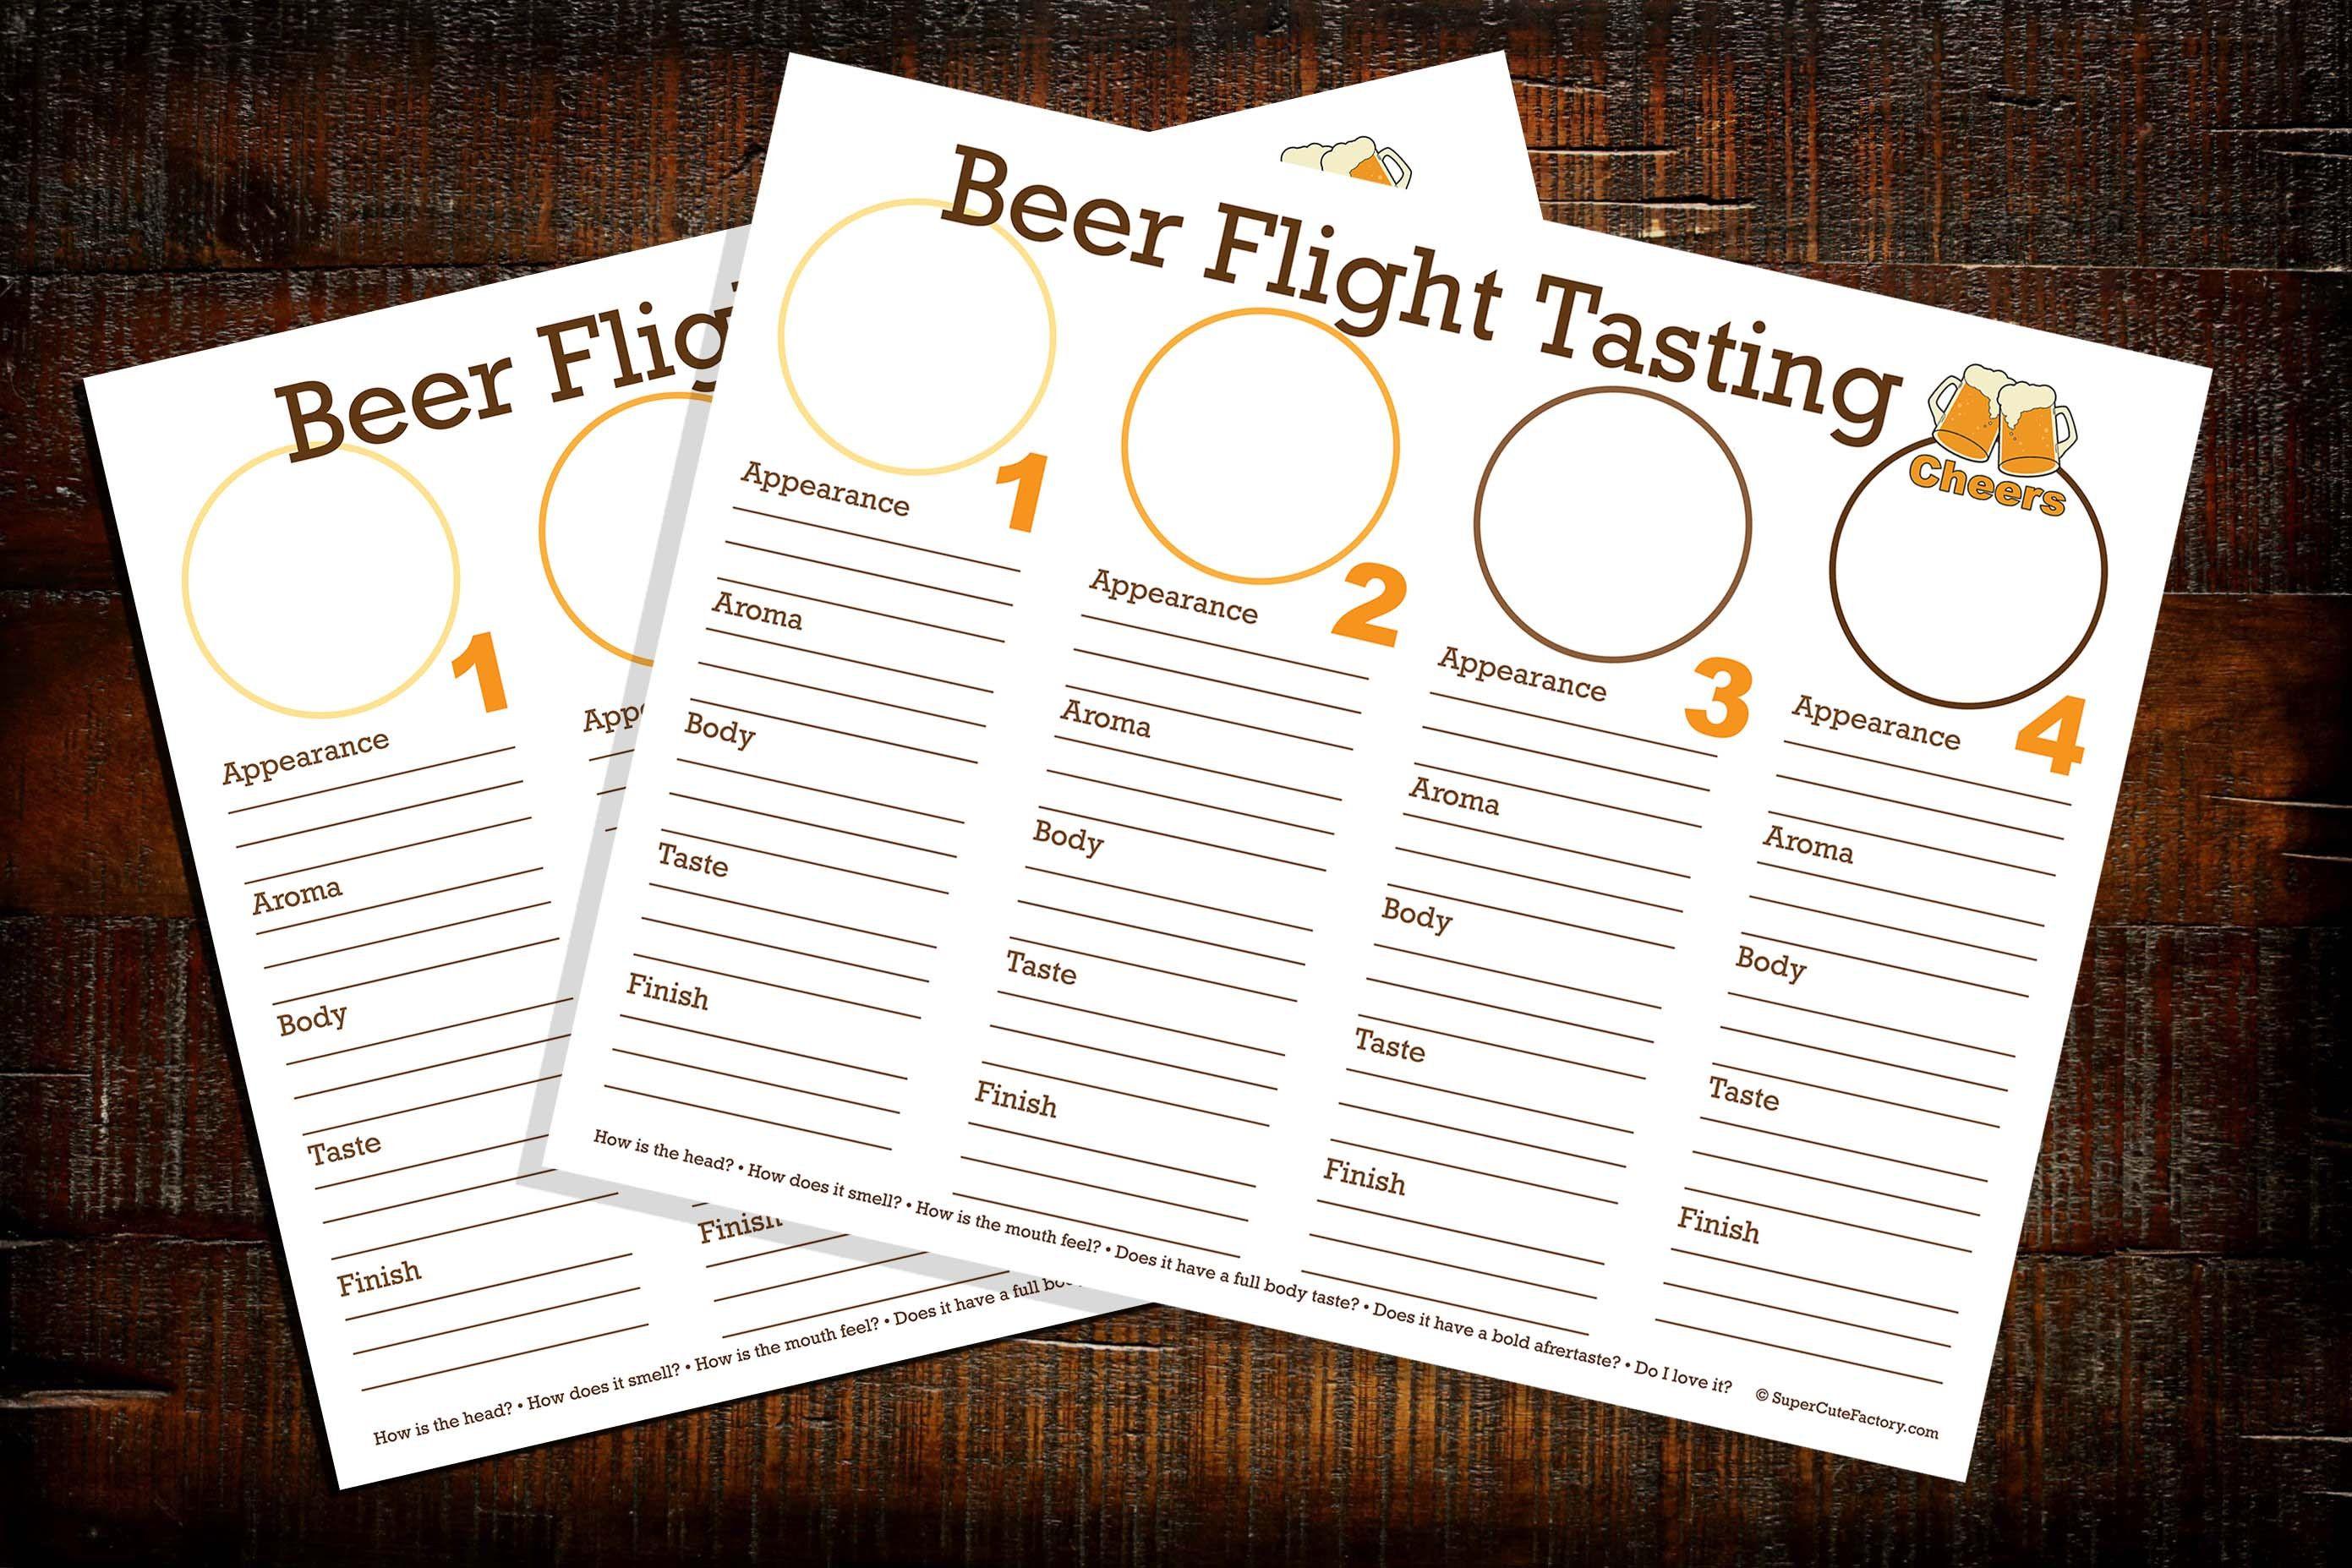 Beer Flight Tasting Downloadable Printable Place Mat Sheet Etsy In 2021 Beer Flight Beer Beer Tasting